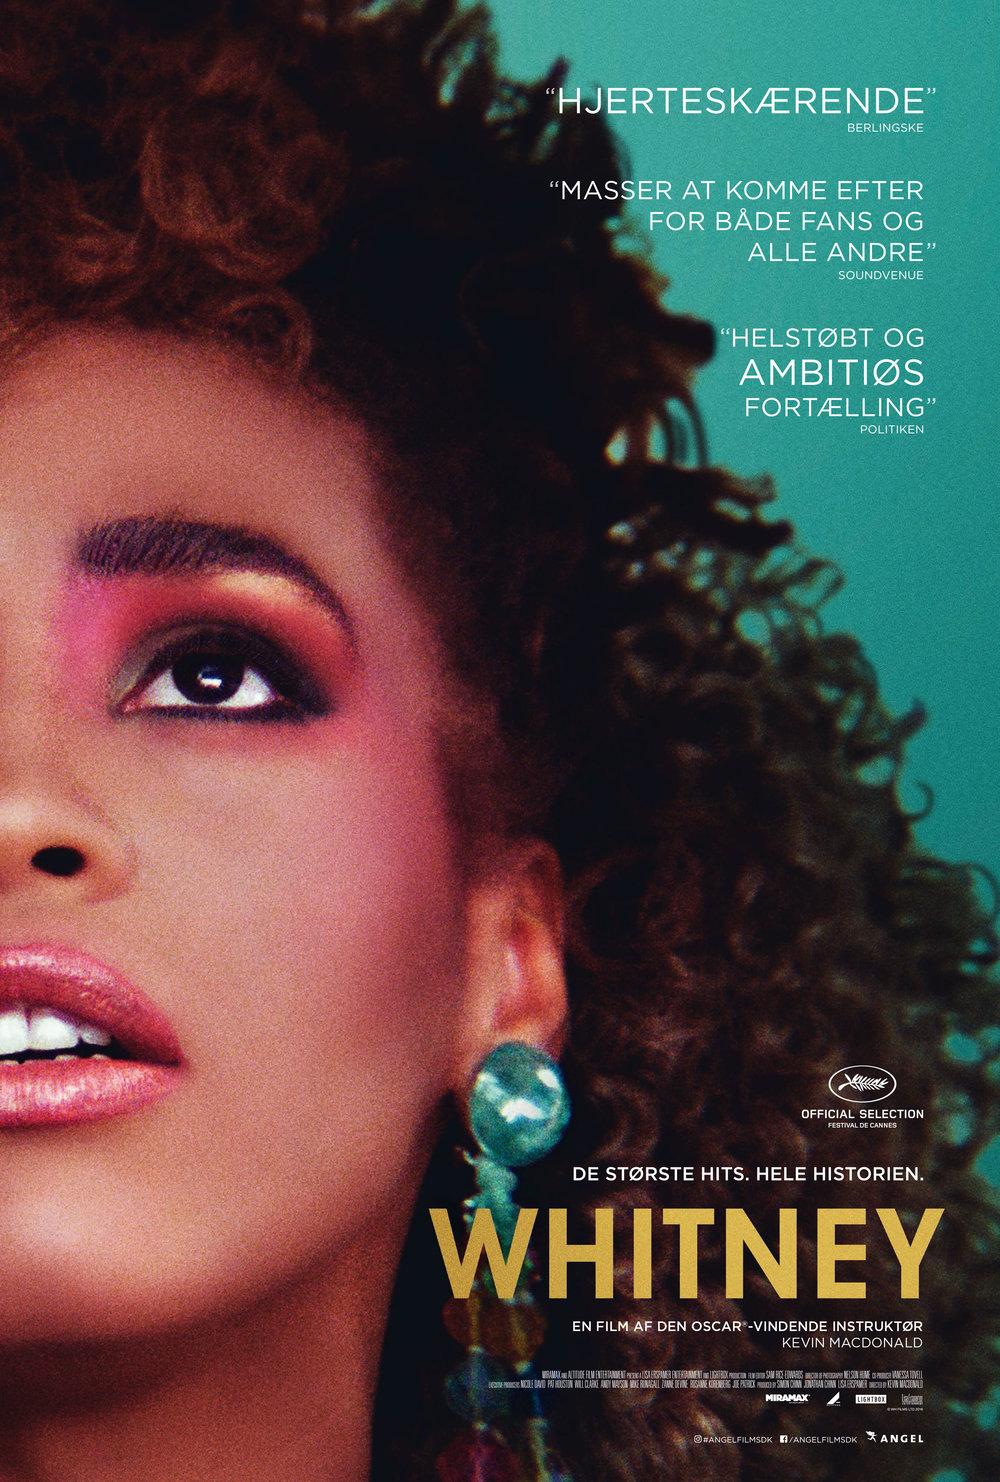 poster_whitney.jpg